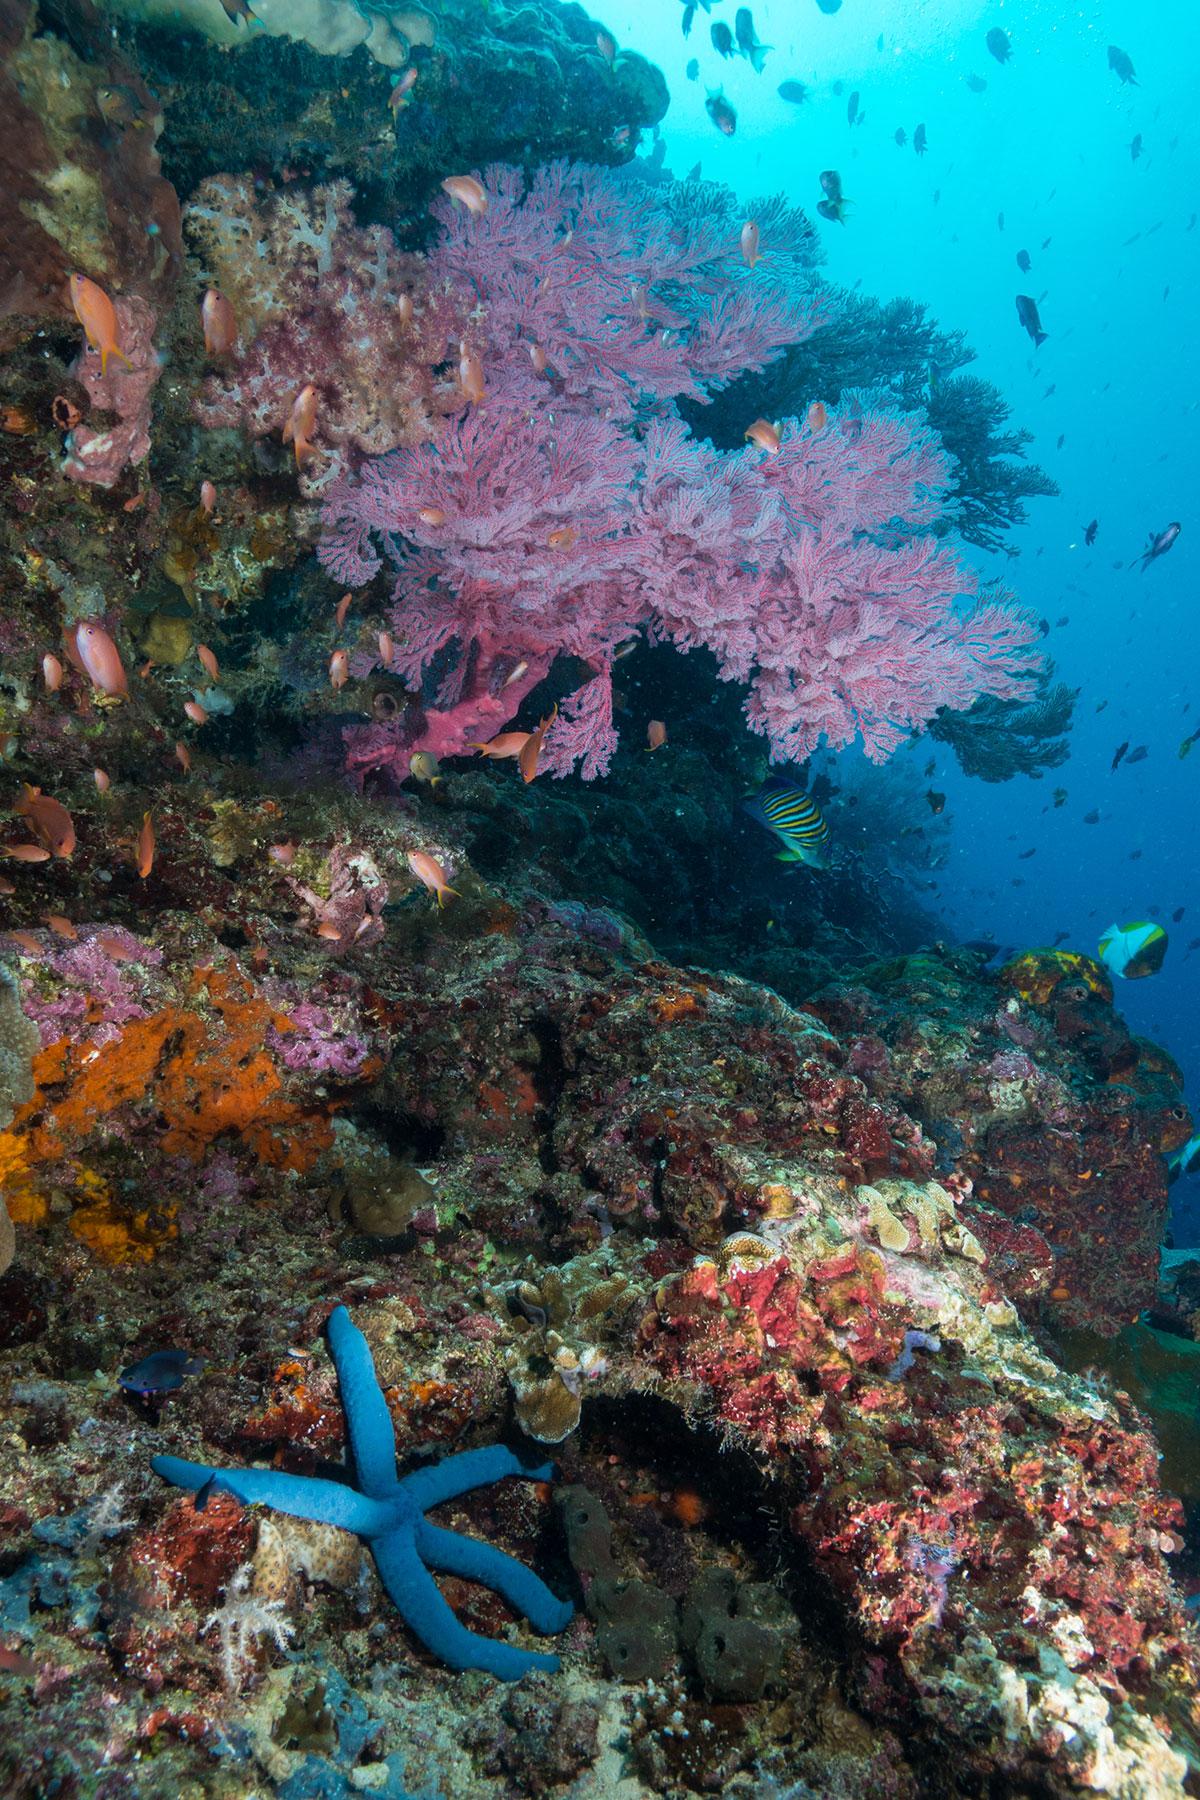 Coral Reef, Bunaken Island, Manado, Indonesia